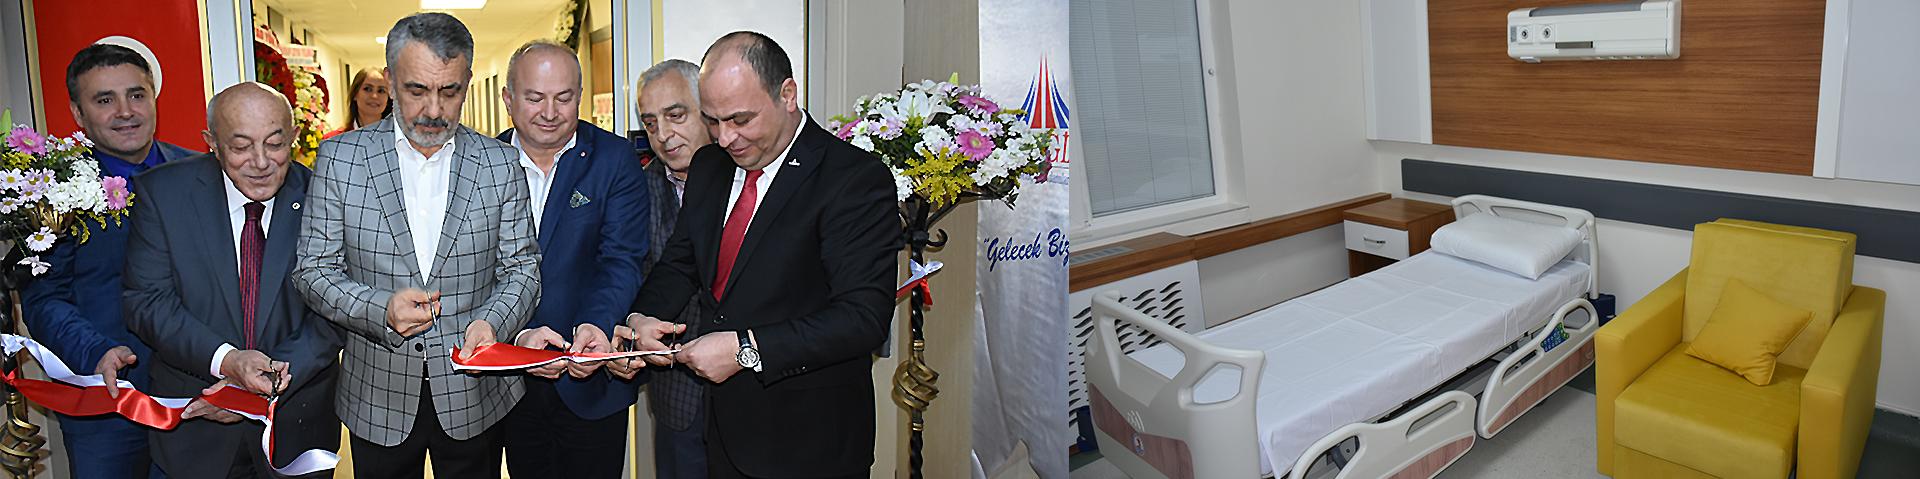 KBB ve Göz Servisleri Yeni Hâliyle Hizmete Açıldı